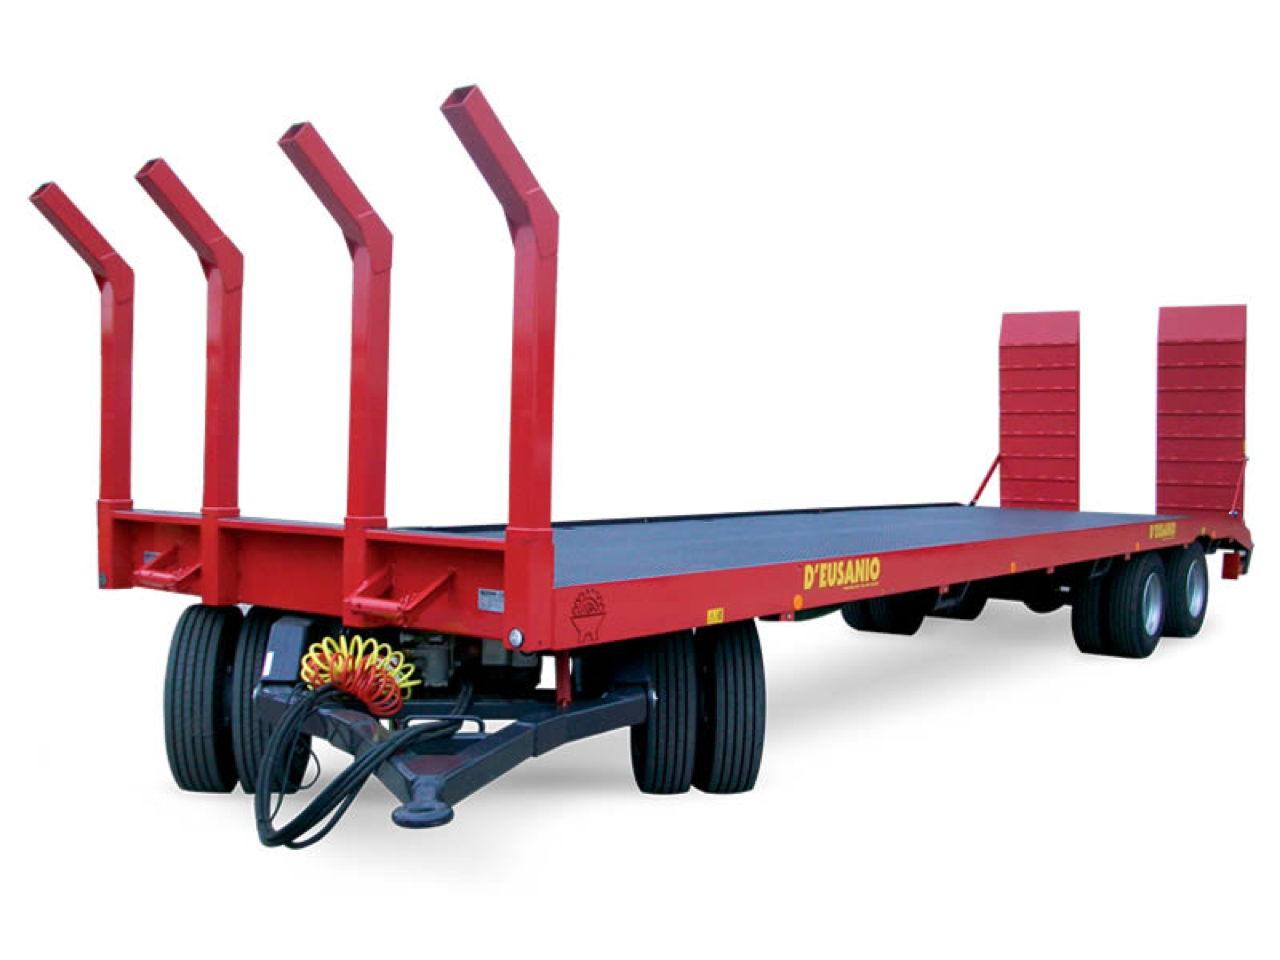 D 39 eusanio dr200 trasporto e movimentazione macgest for D eusanio rimorchi